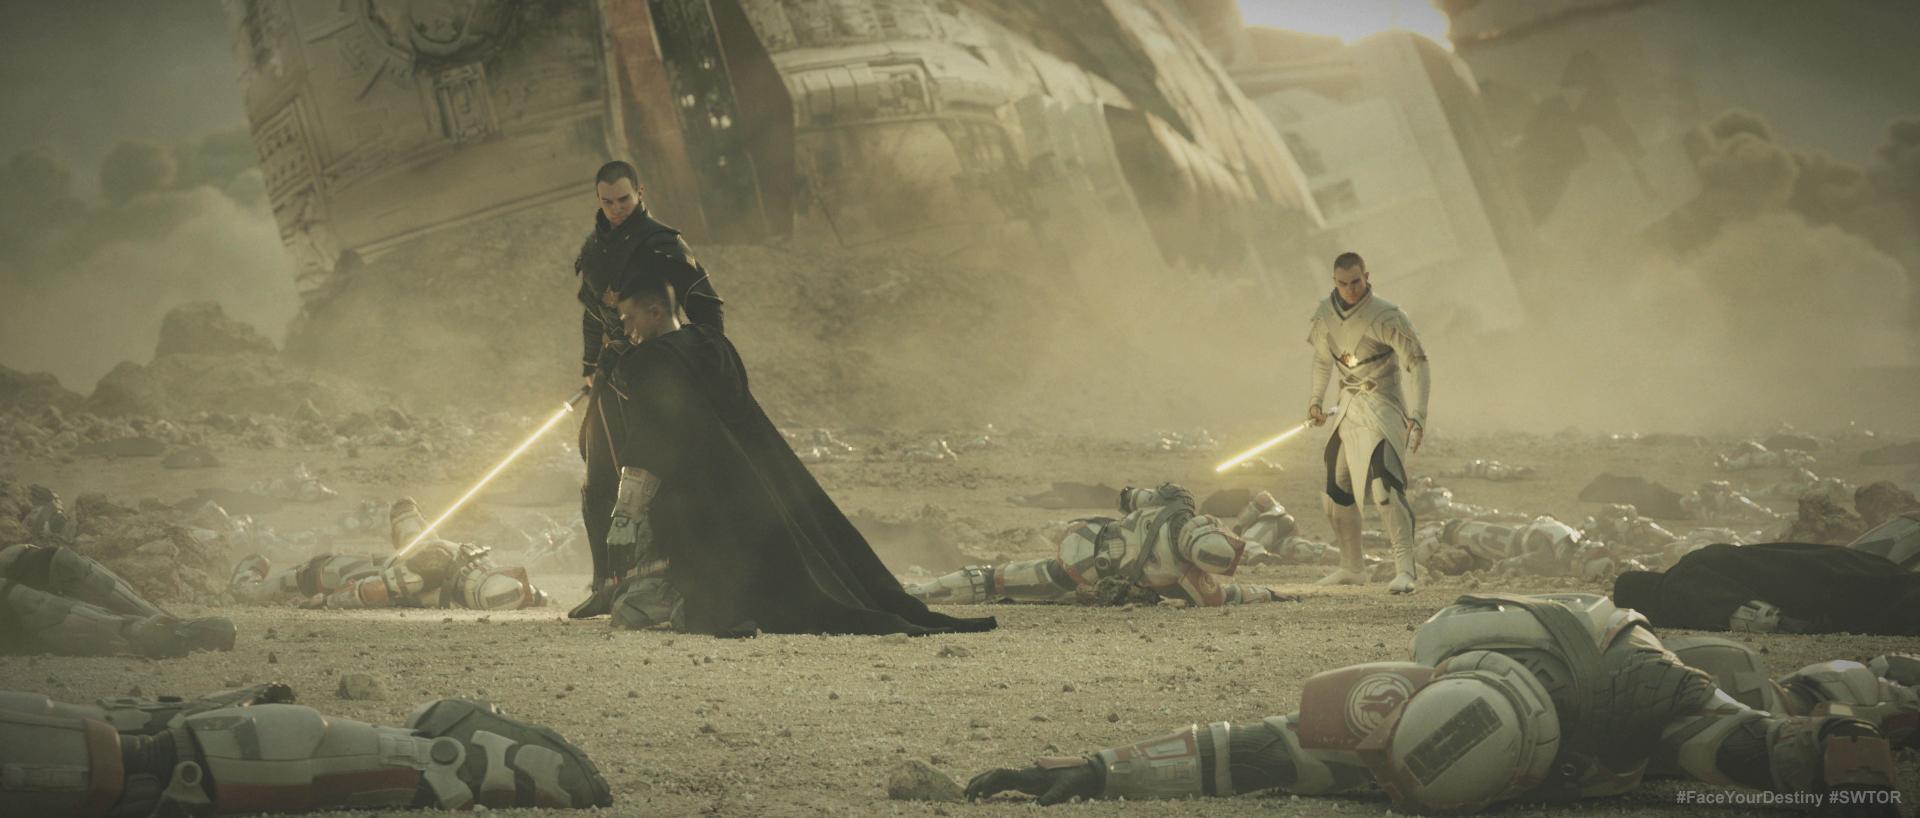 Star wars republic commando order 66 - f8